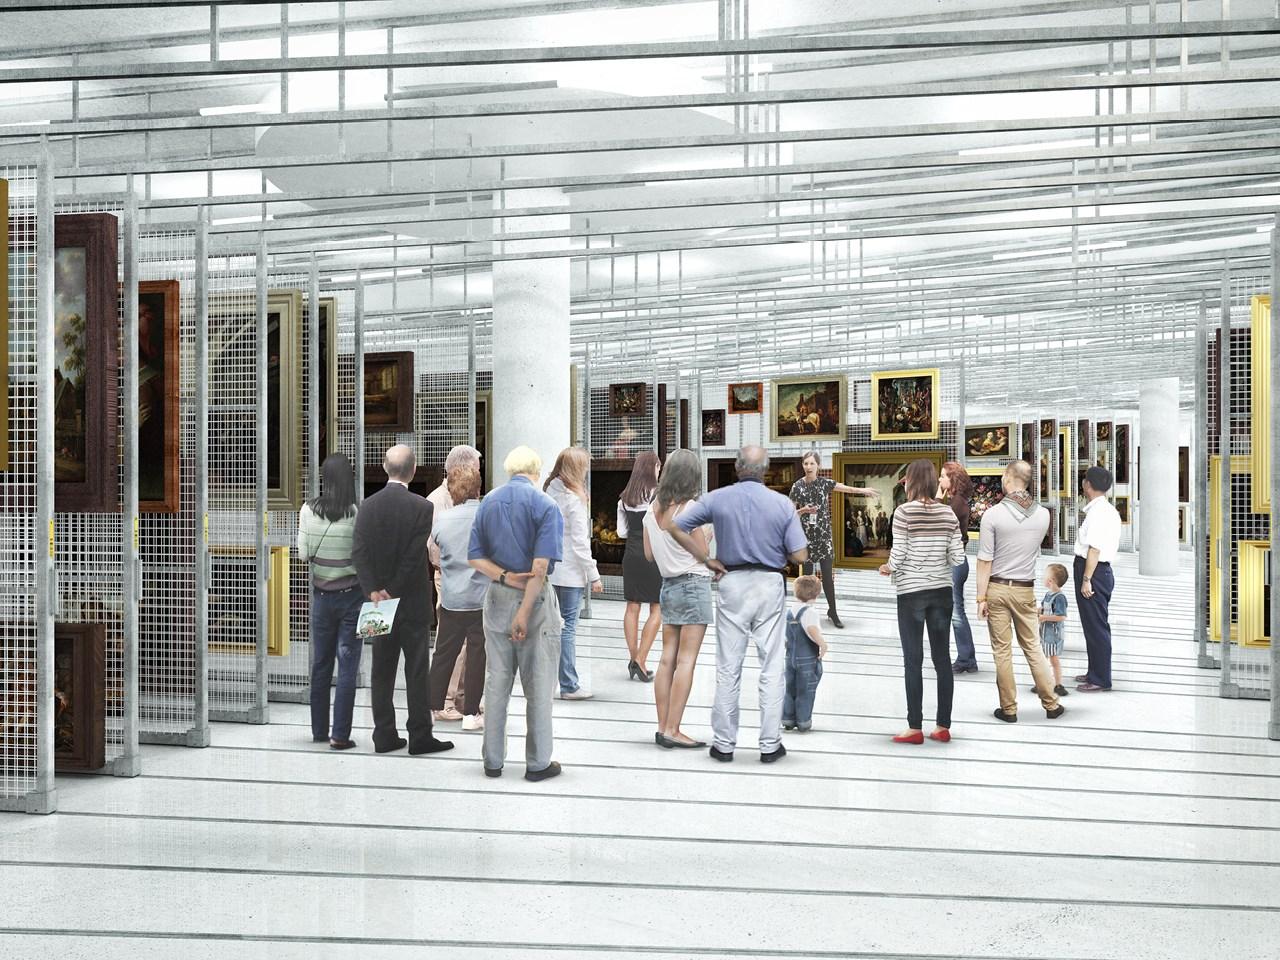 https://www.ibd-gmbh.de/wp-content/uploads/2019/07/IBD_Depot_Galerie_Bojmans_van_Beuningen_Rotterdam_MVRDV_ABT_09.jpg